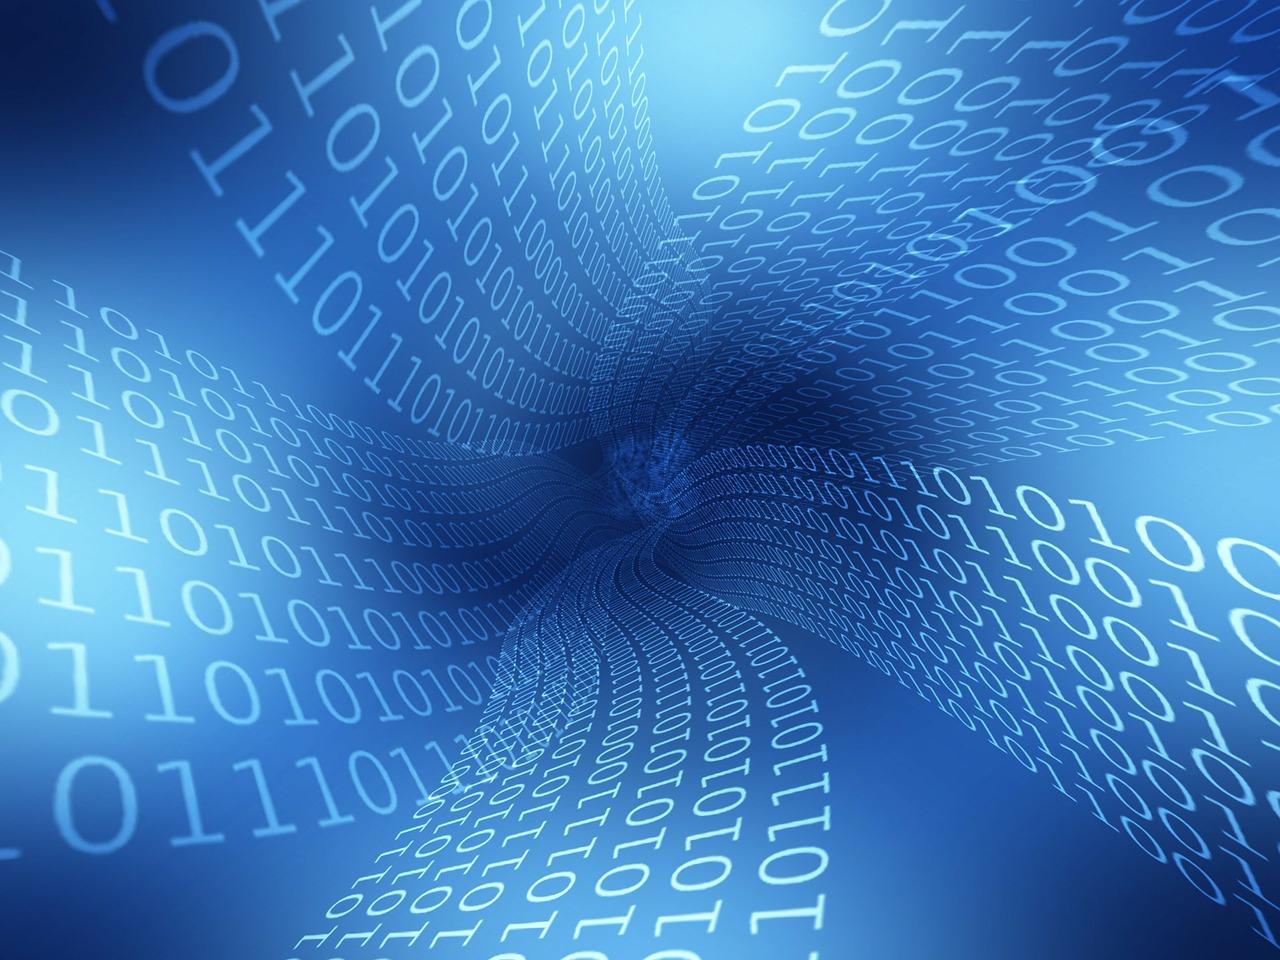 Gli O-data triplicano, alle operations servirà più automazione